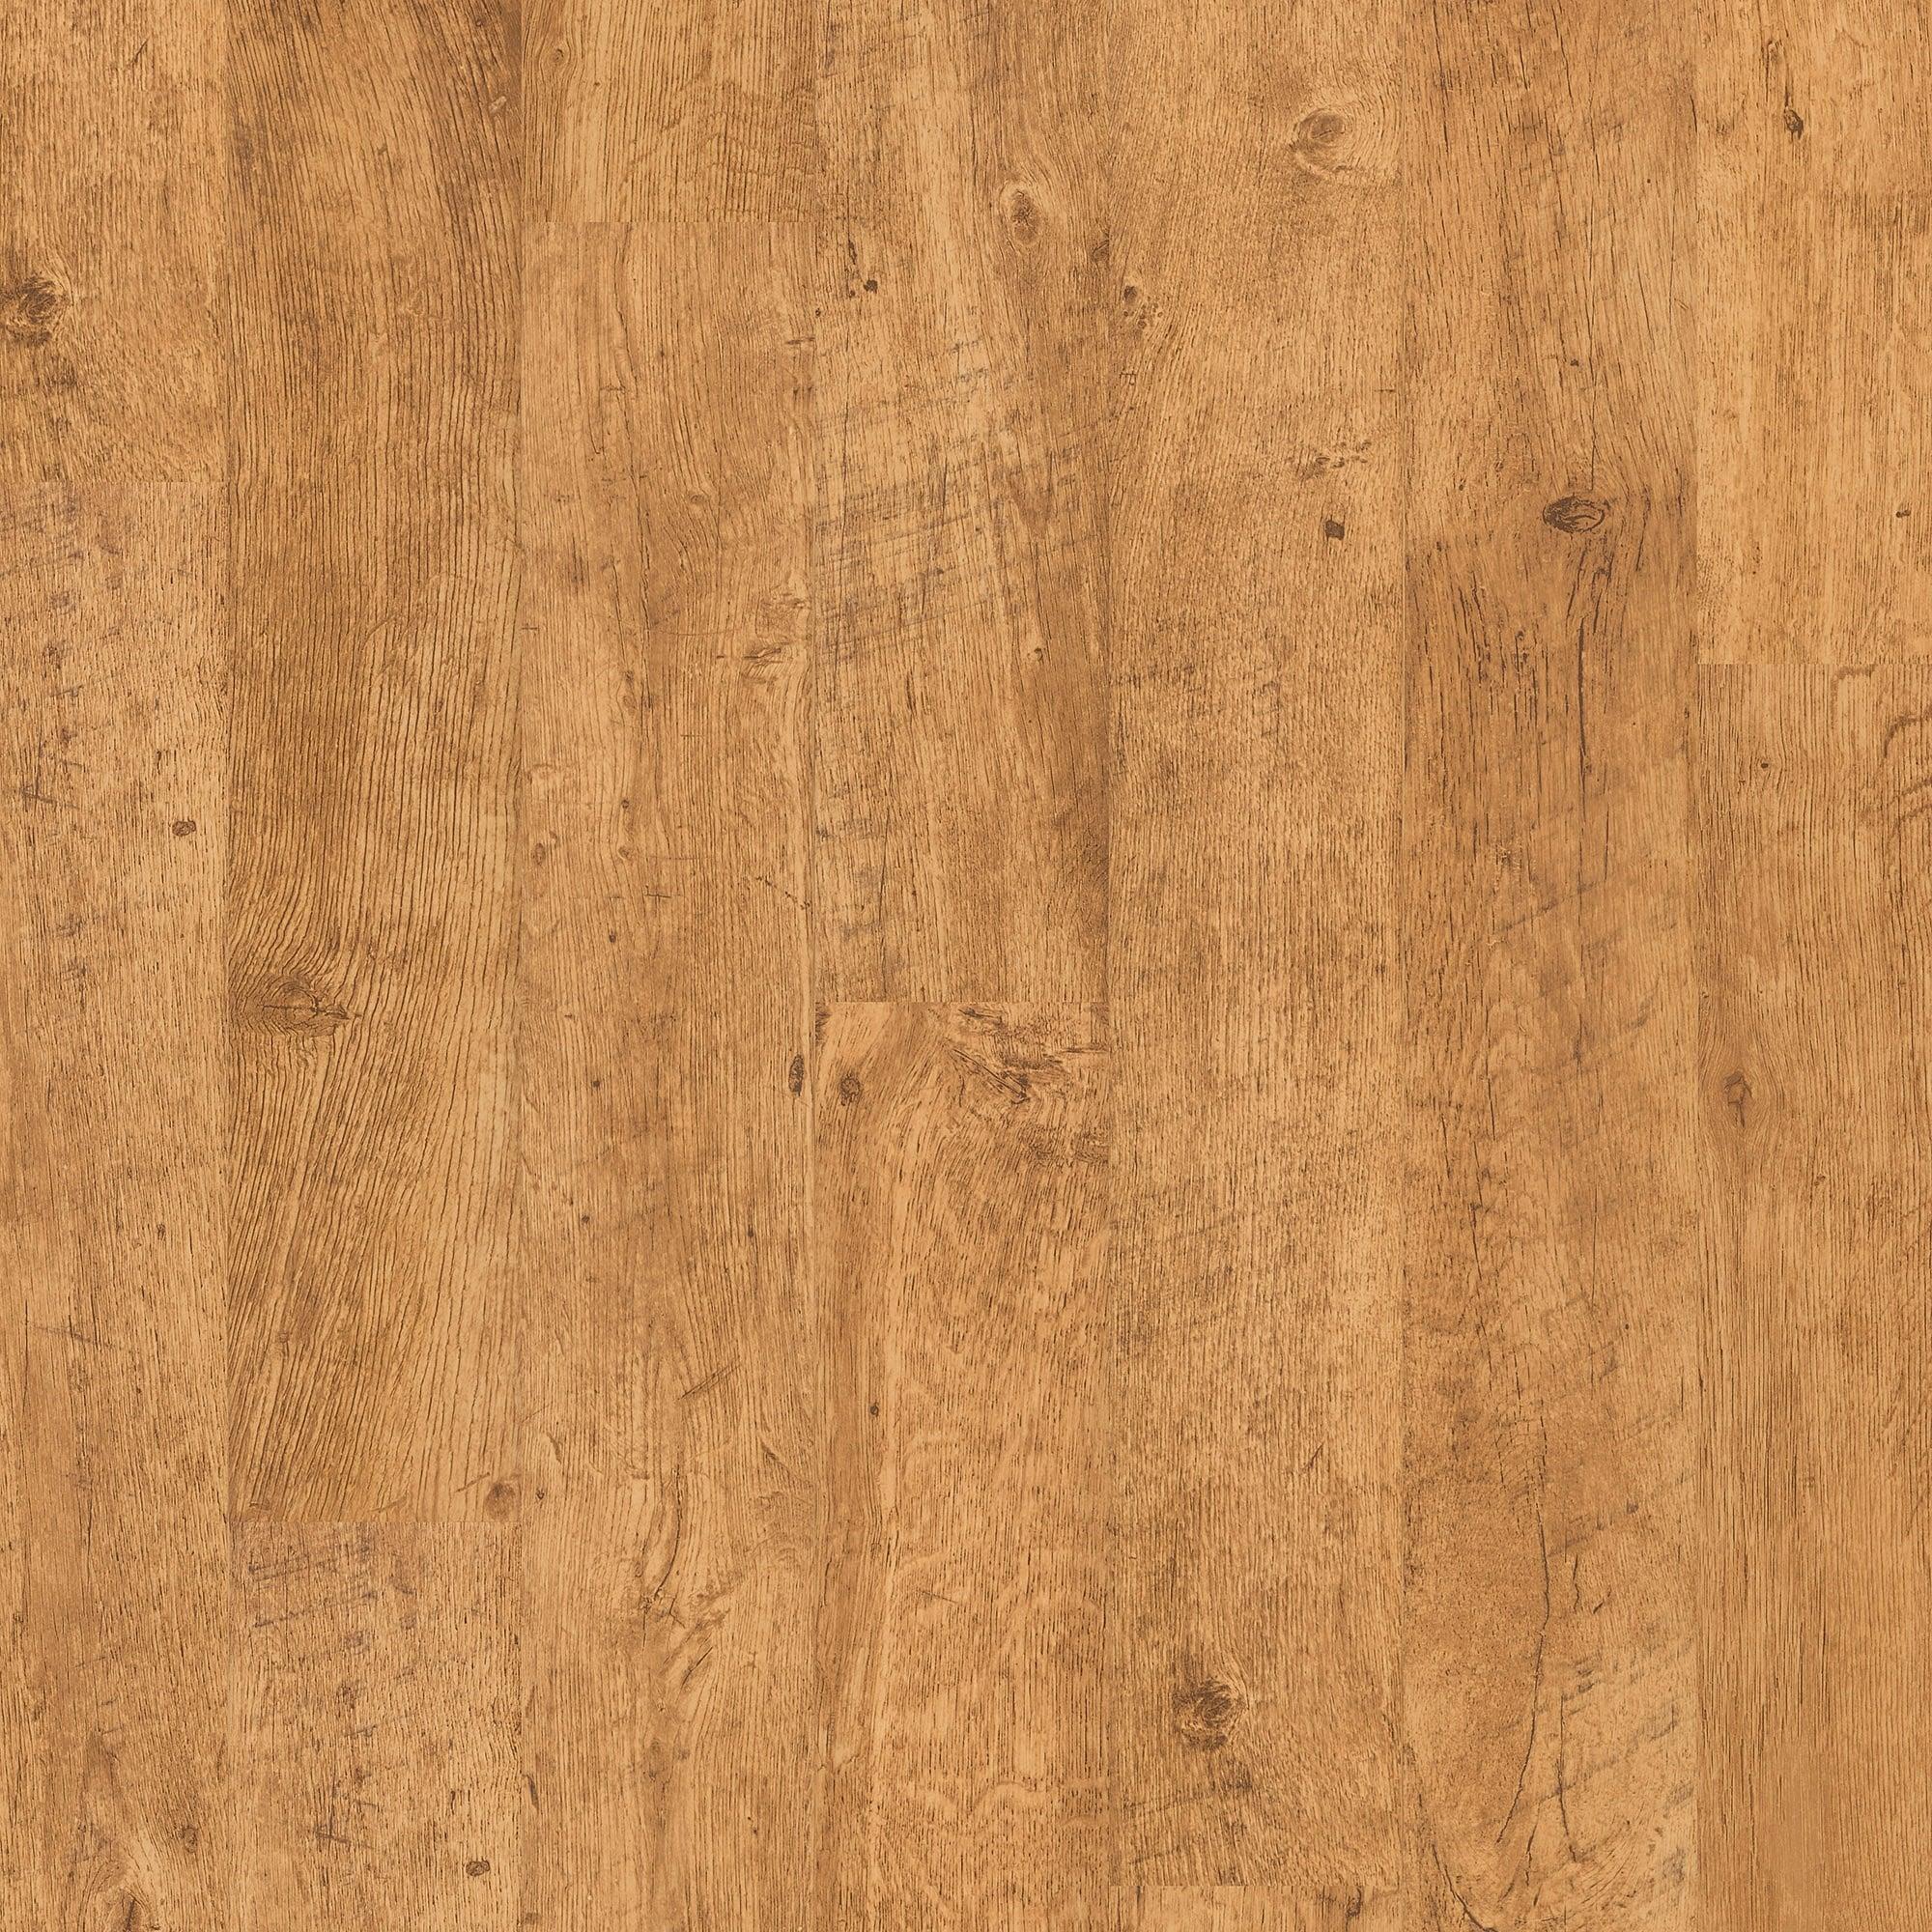 Quickstep eligna 8mm harvest oak laminate flooring for Harvest oak laminate flooring